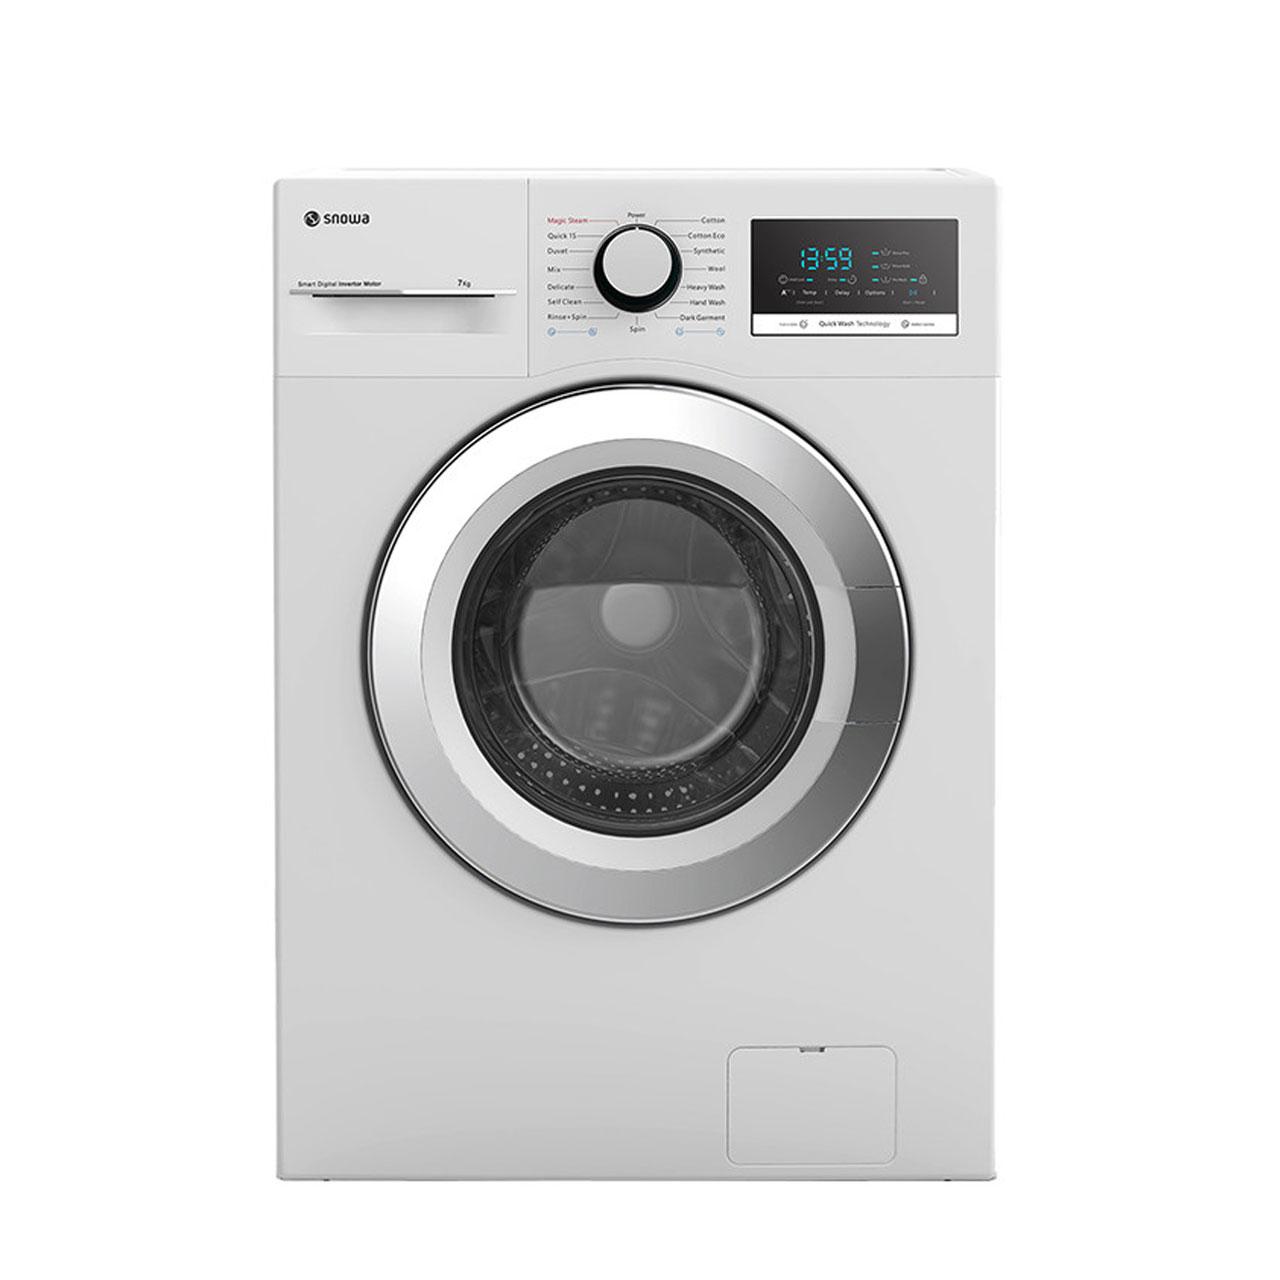 فروش نقدی و اقساطی ماشین لباسشویی اسنوا مدل SWM 72301 ظرفیت 7 کیلوگرم